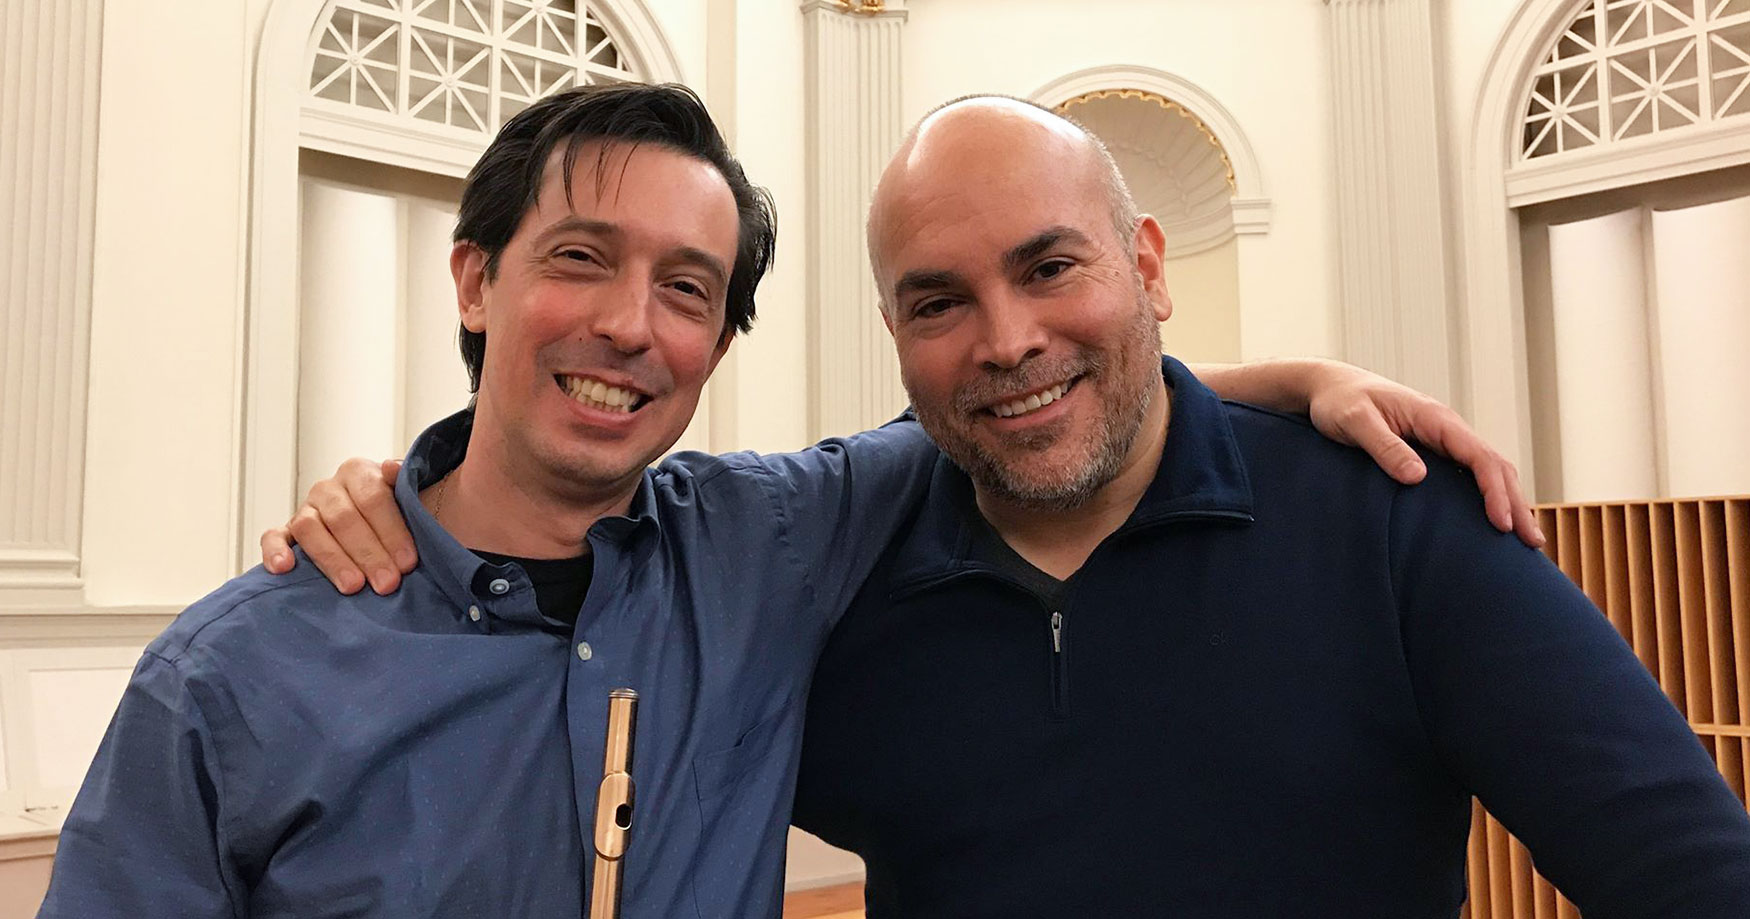 Orlando Cela and José Elizondo